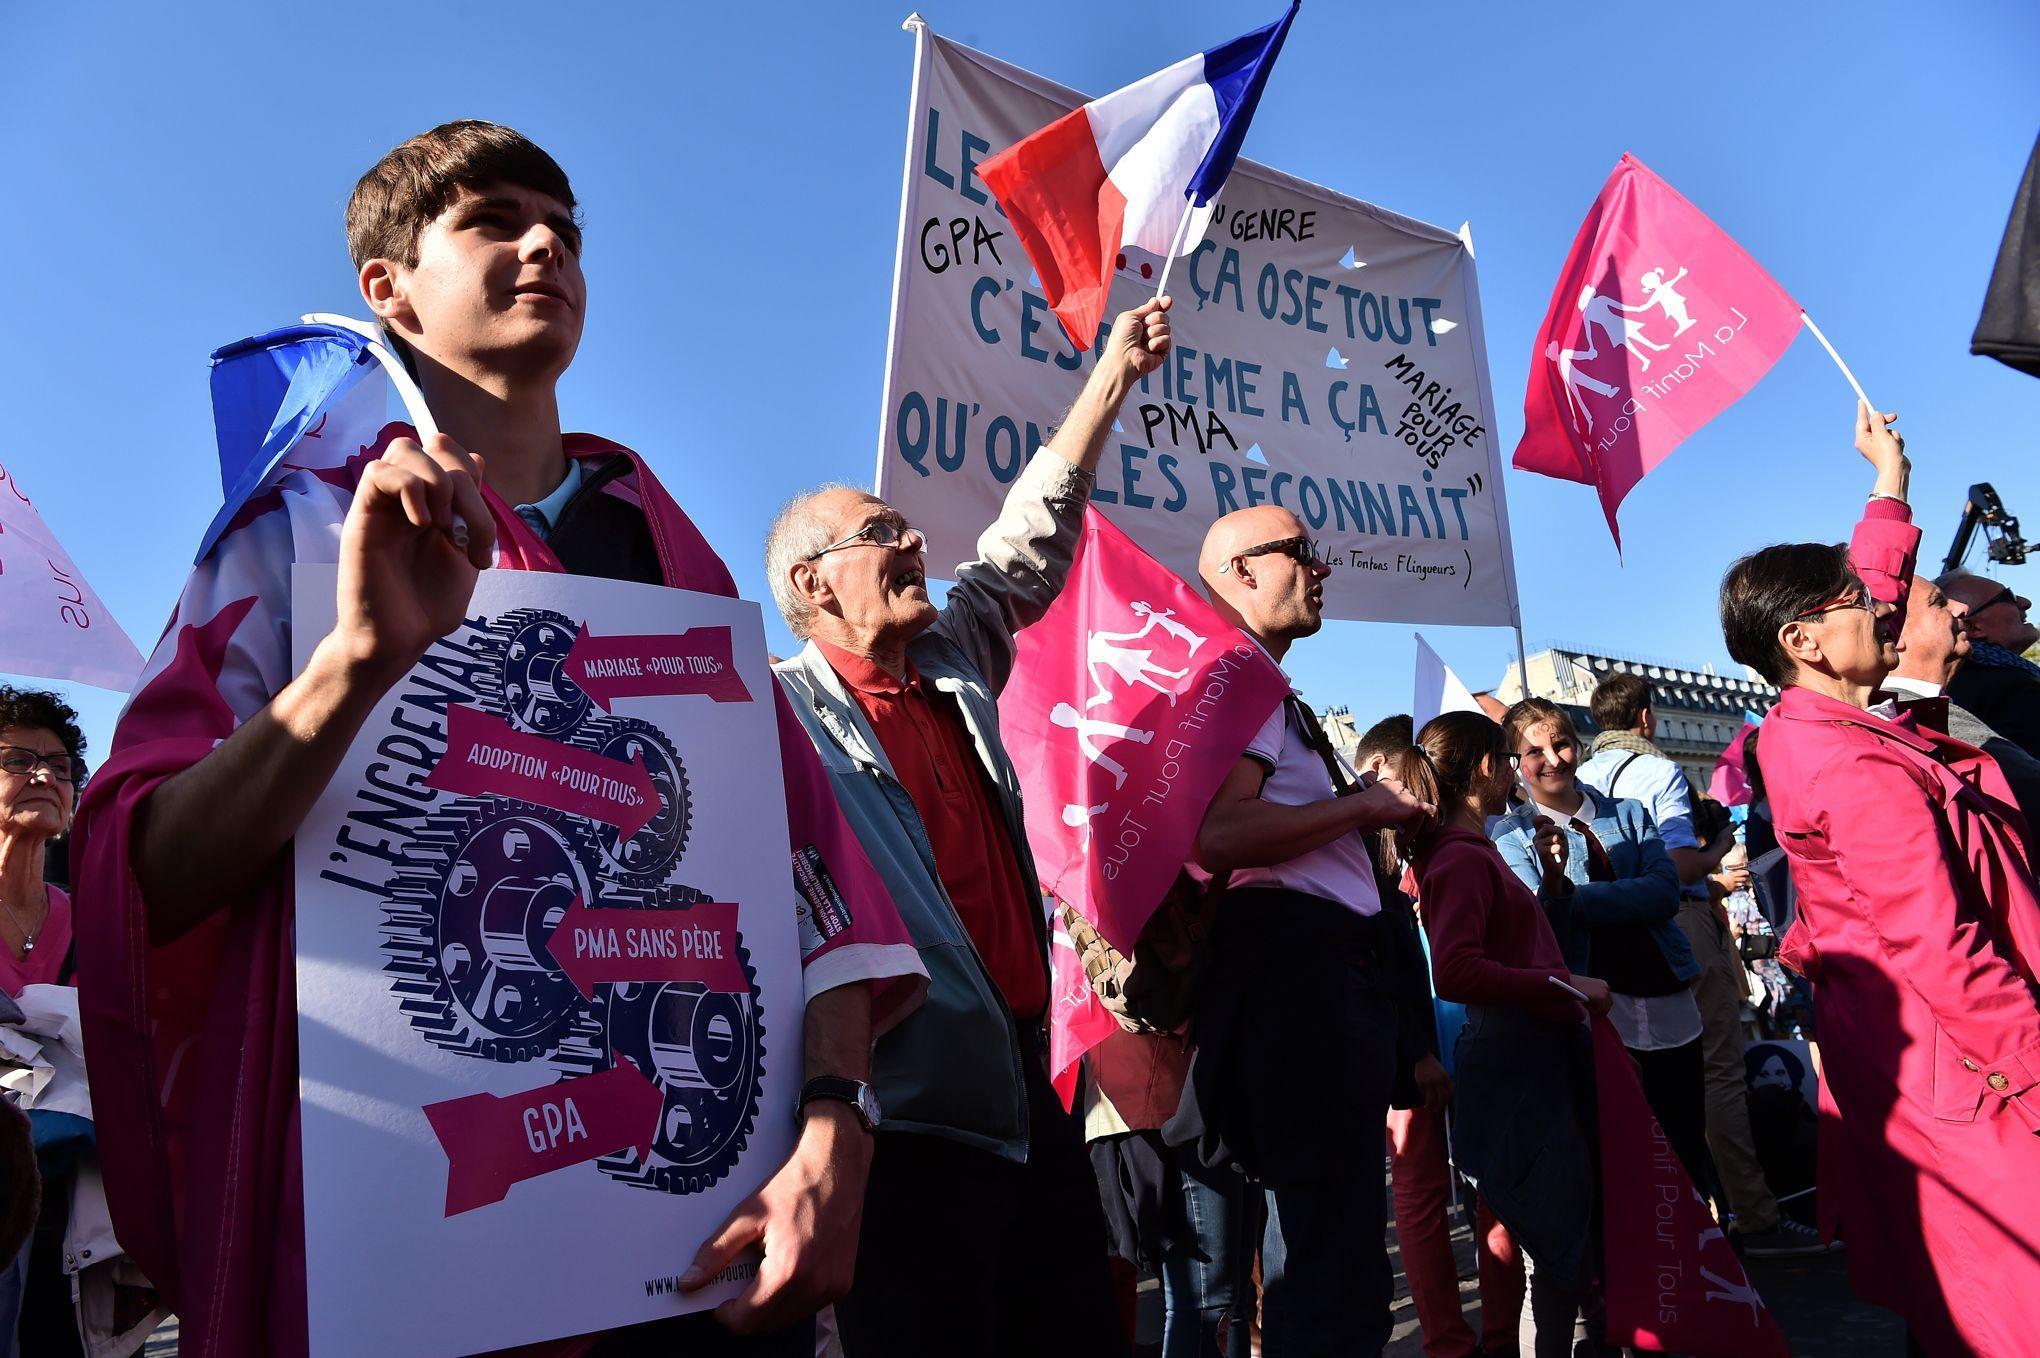 «Par son radicalisme sur les questions de société, LREM fera-t-il fuir les modérés?» – Le Figaro 22/02/2019